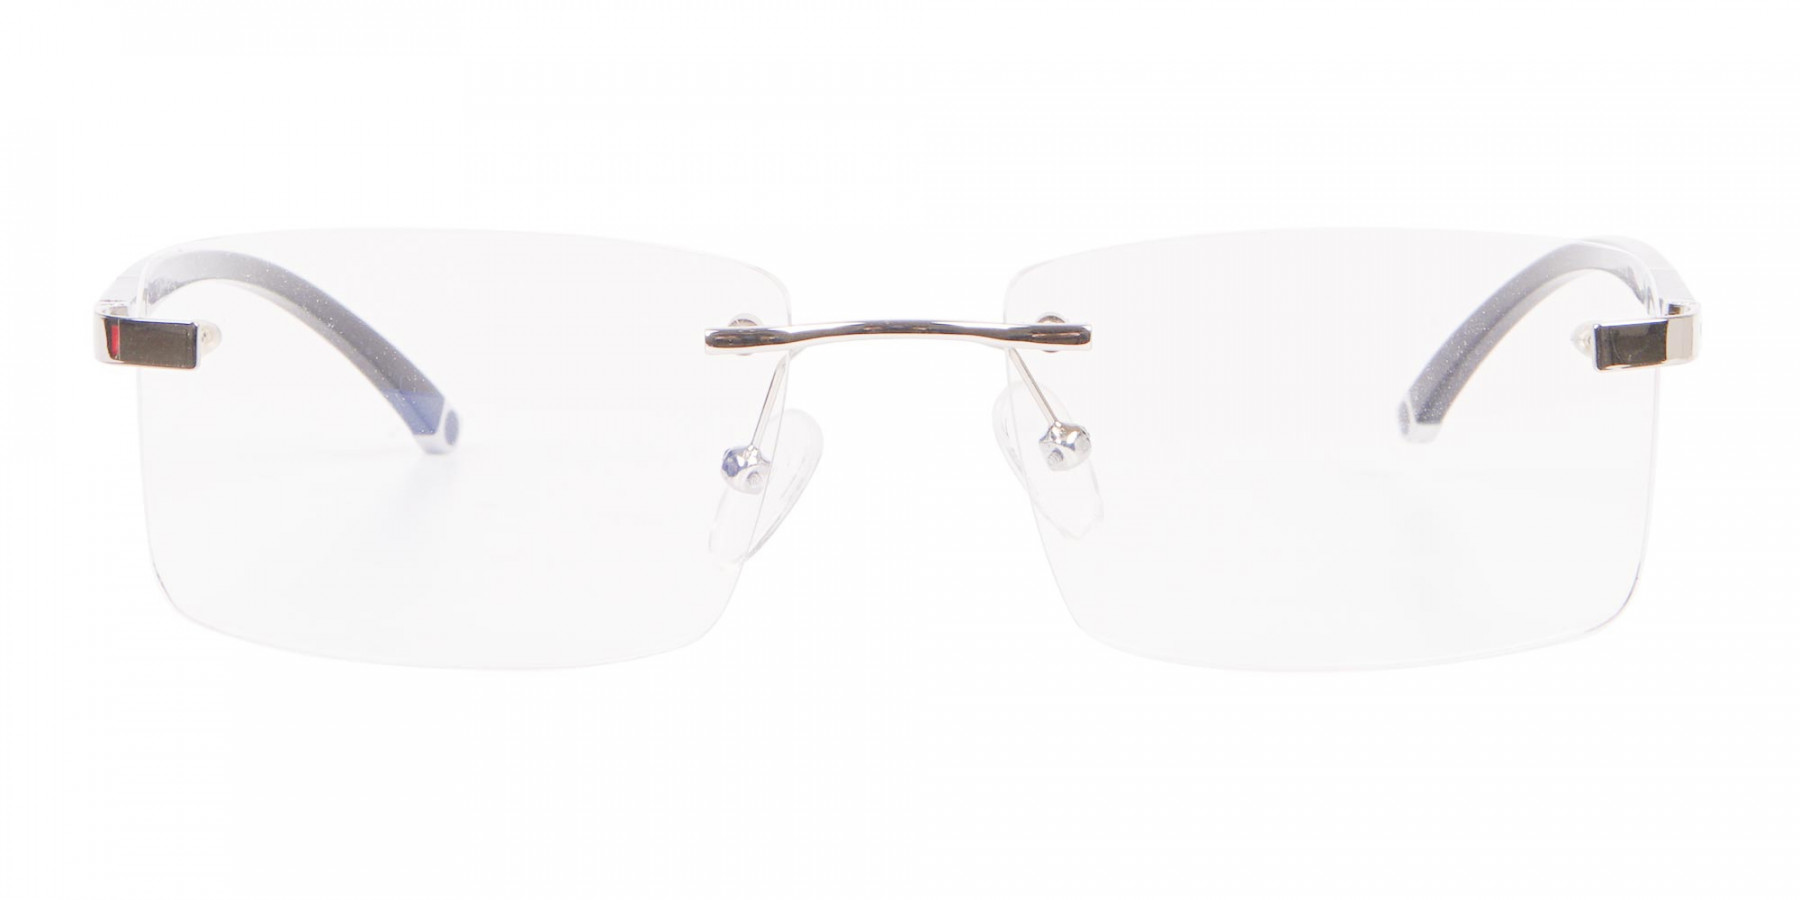 Silver Rectangular Rimless Glasses, Online UK-1